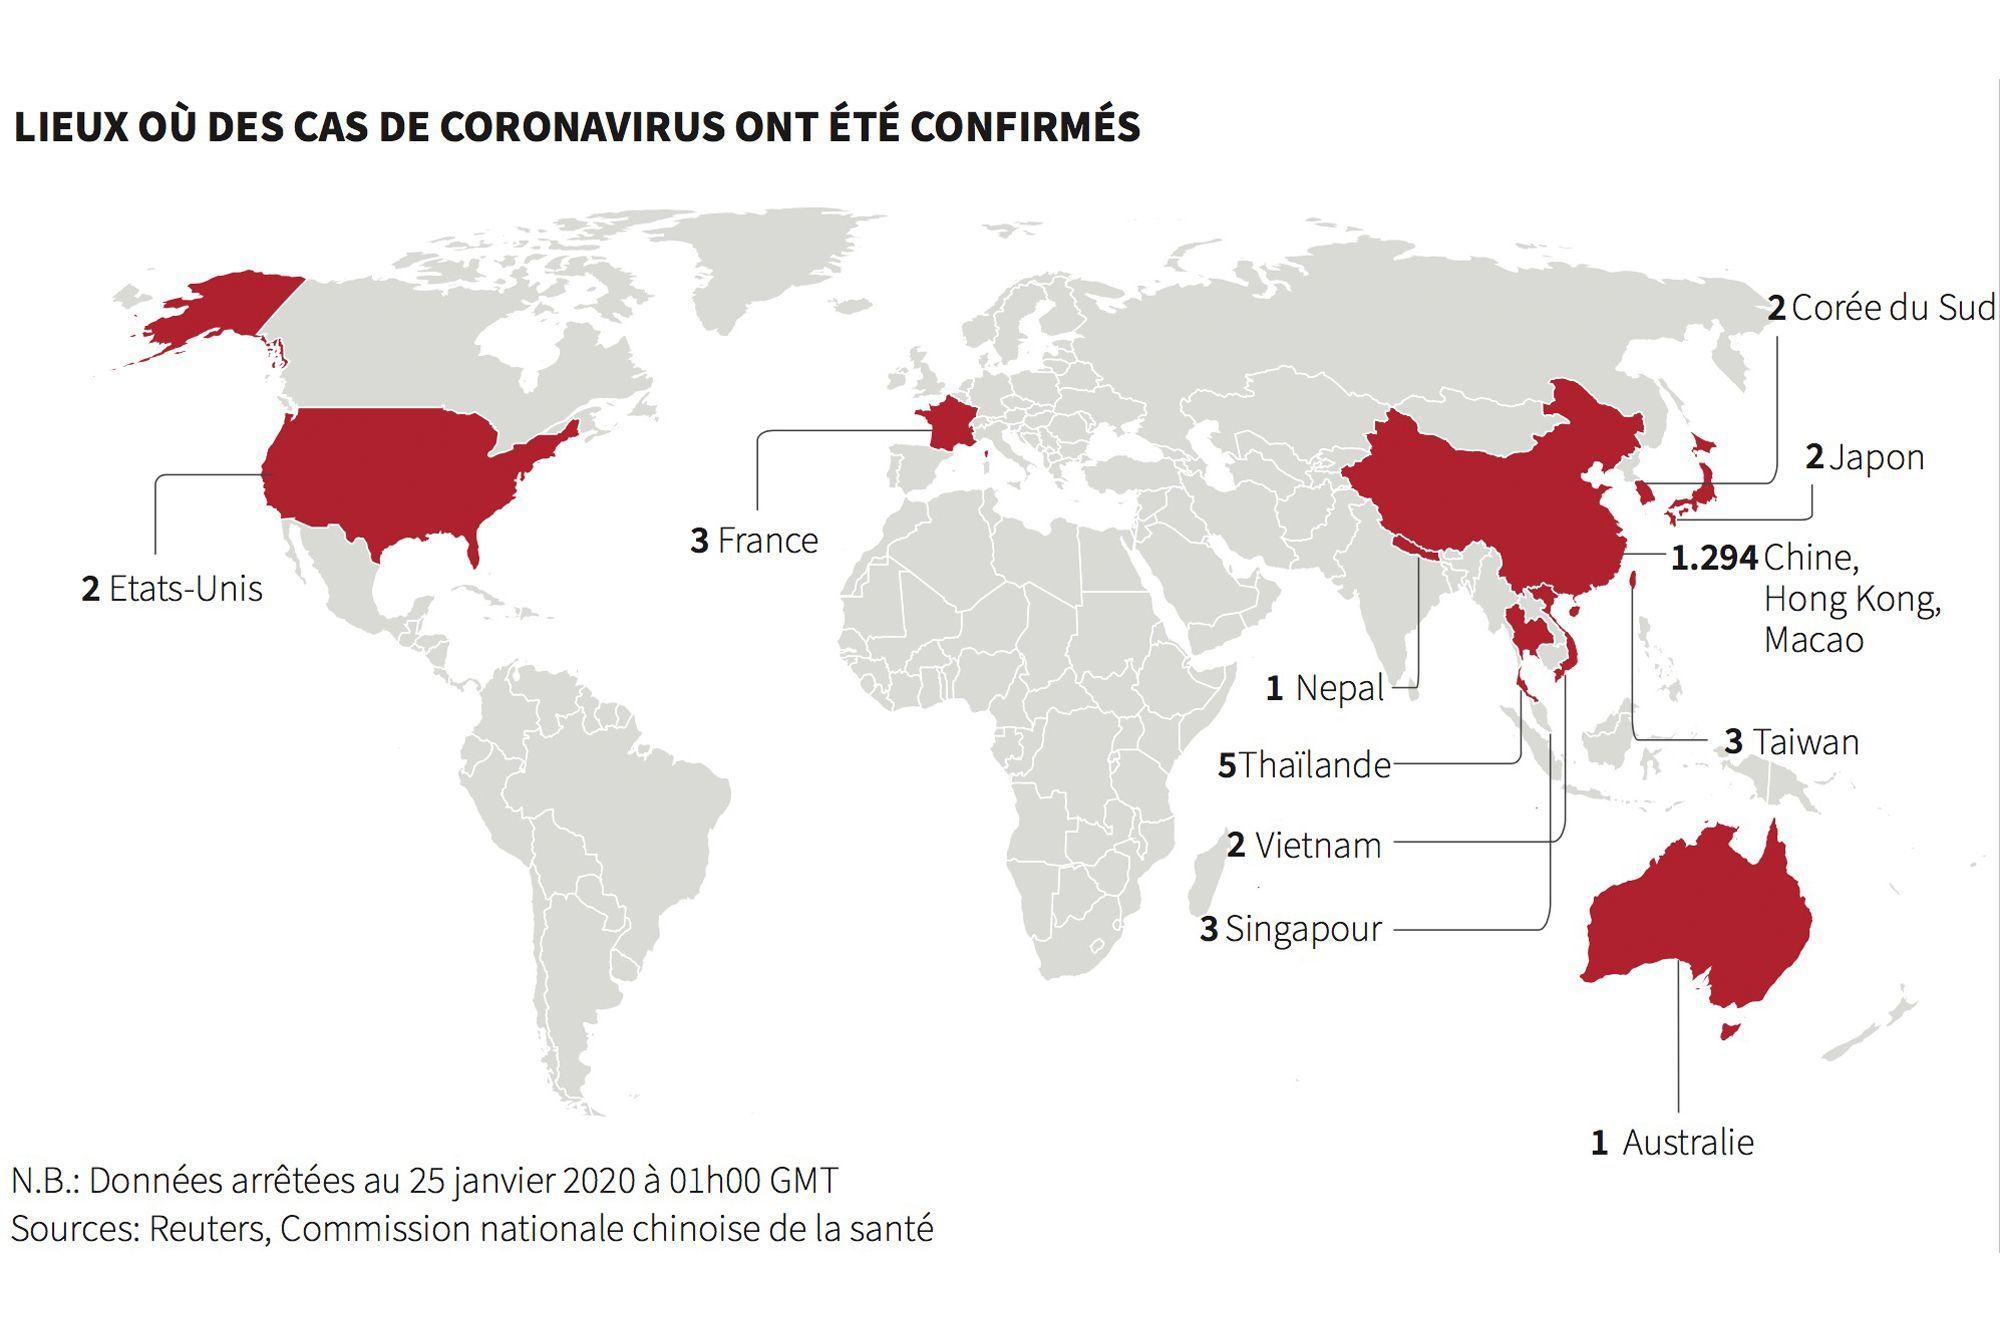 Le dernier cas de coronavirus en Chine révèle une tendance terrifiante